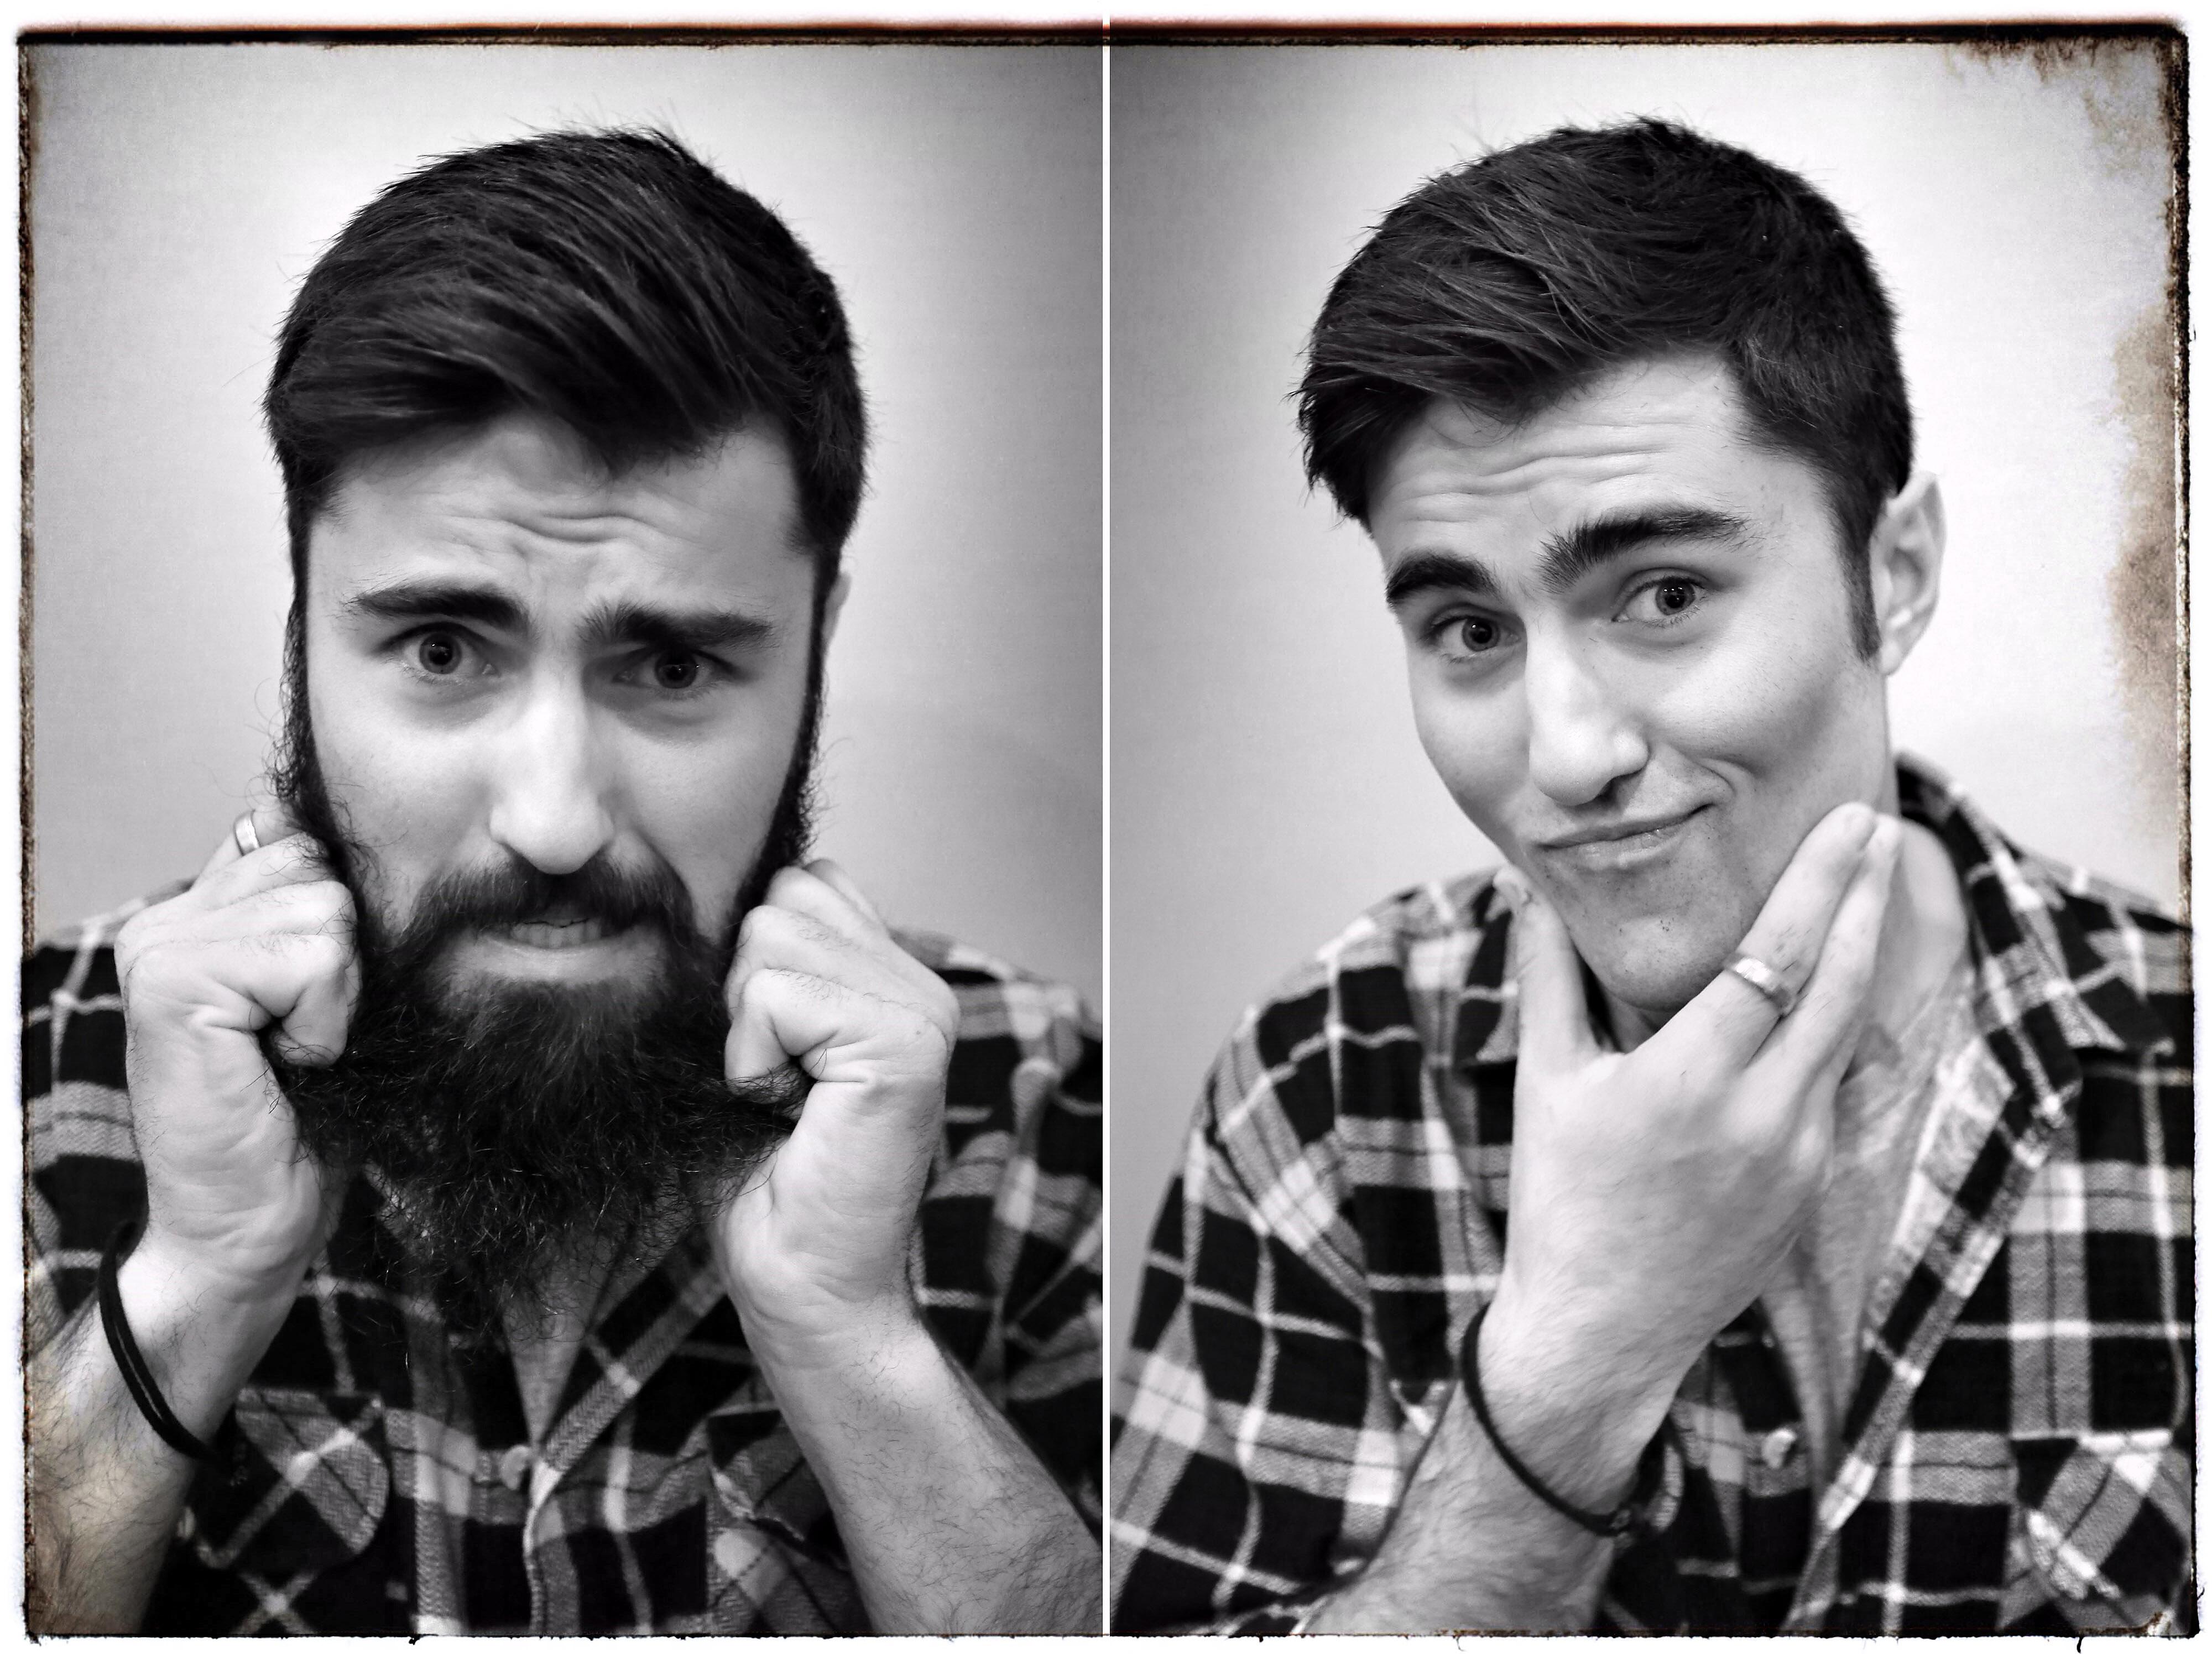 Un trapianto di barba da 10mila euro. Ecco cosa si fa per essere un hipster